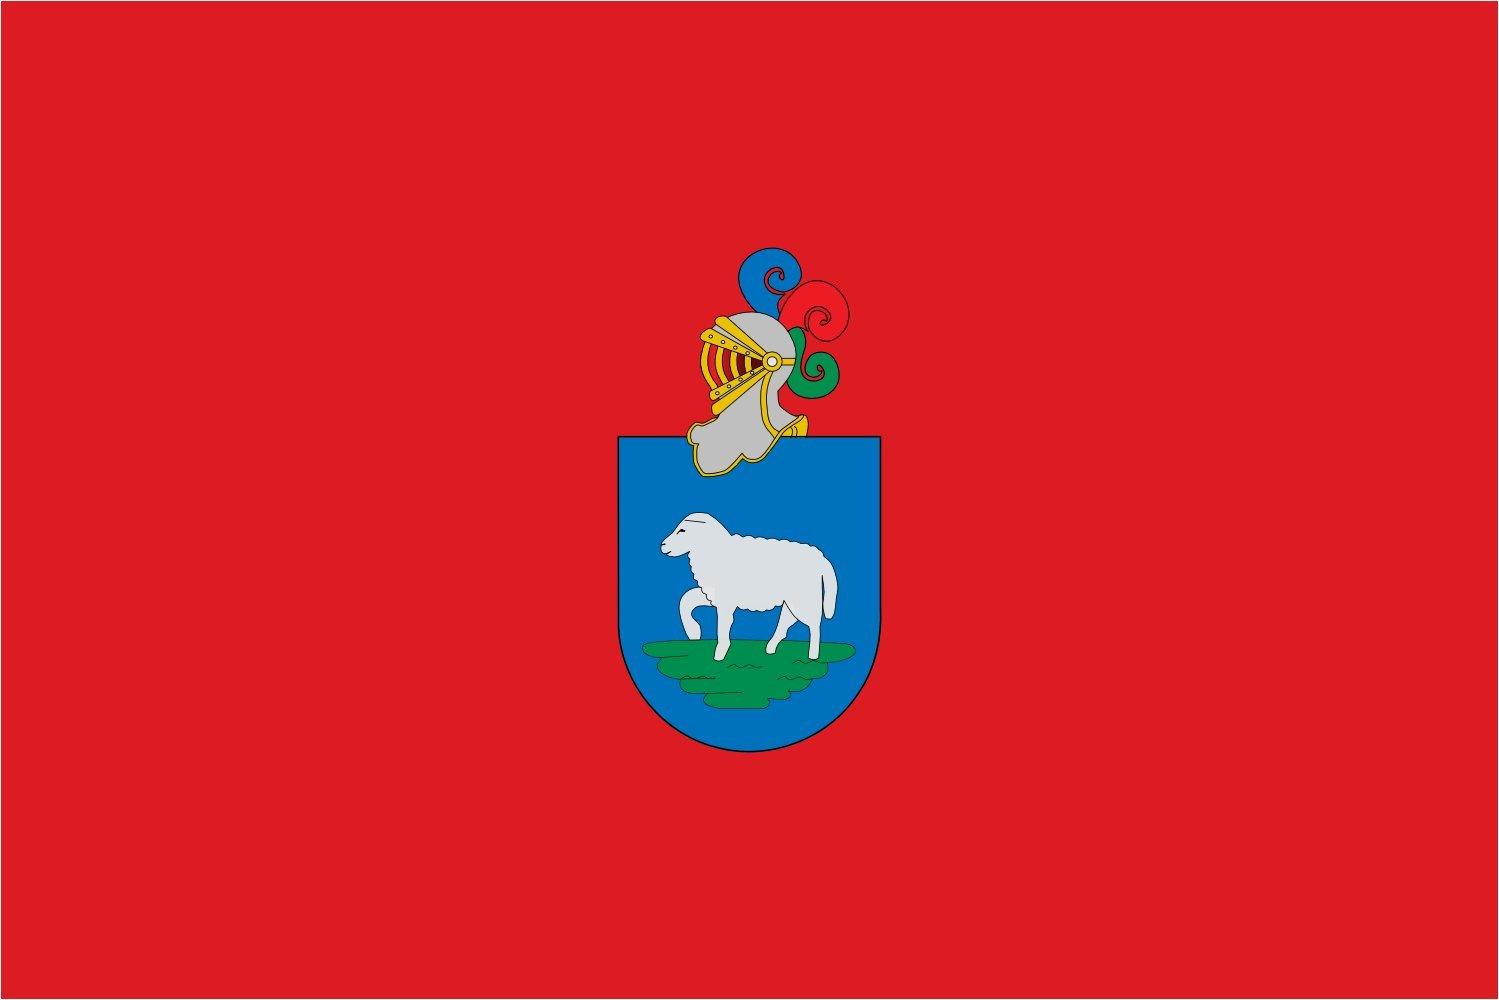 magFlags Bandera XL Municipio de Ansoáin Navarra - España Proporciones 2/3 Color Rojo con el Escudo de Ansoáin en el Centro en Sus esmaltes | Bandera Paisaje | 2.16m² | 1: Amazon.es: Jardín